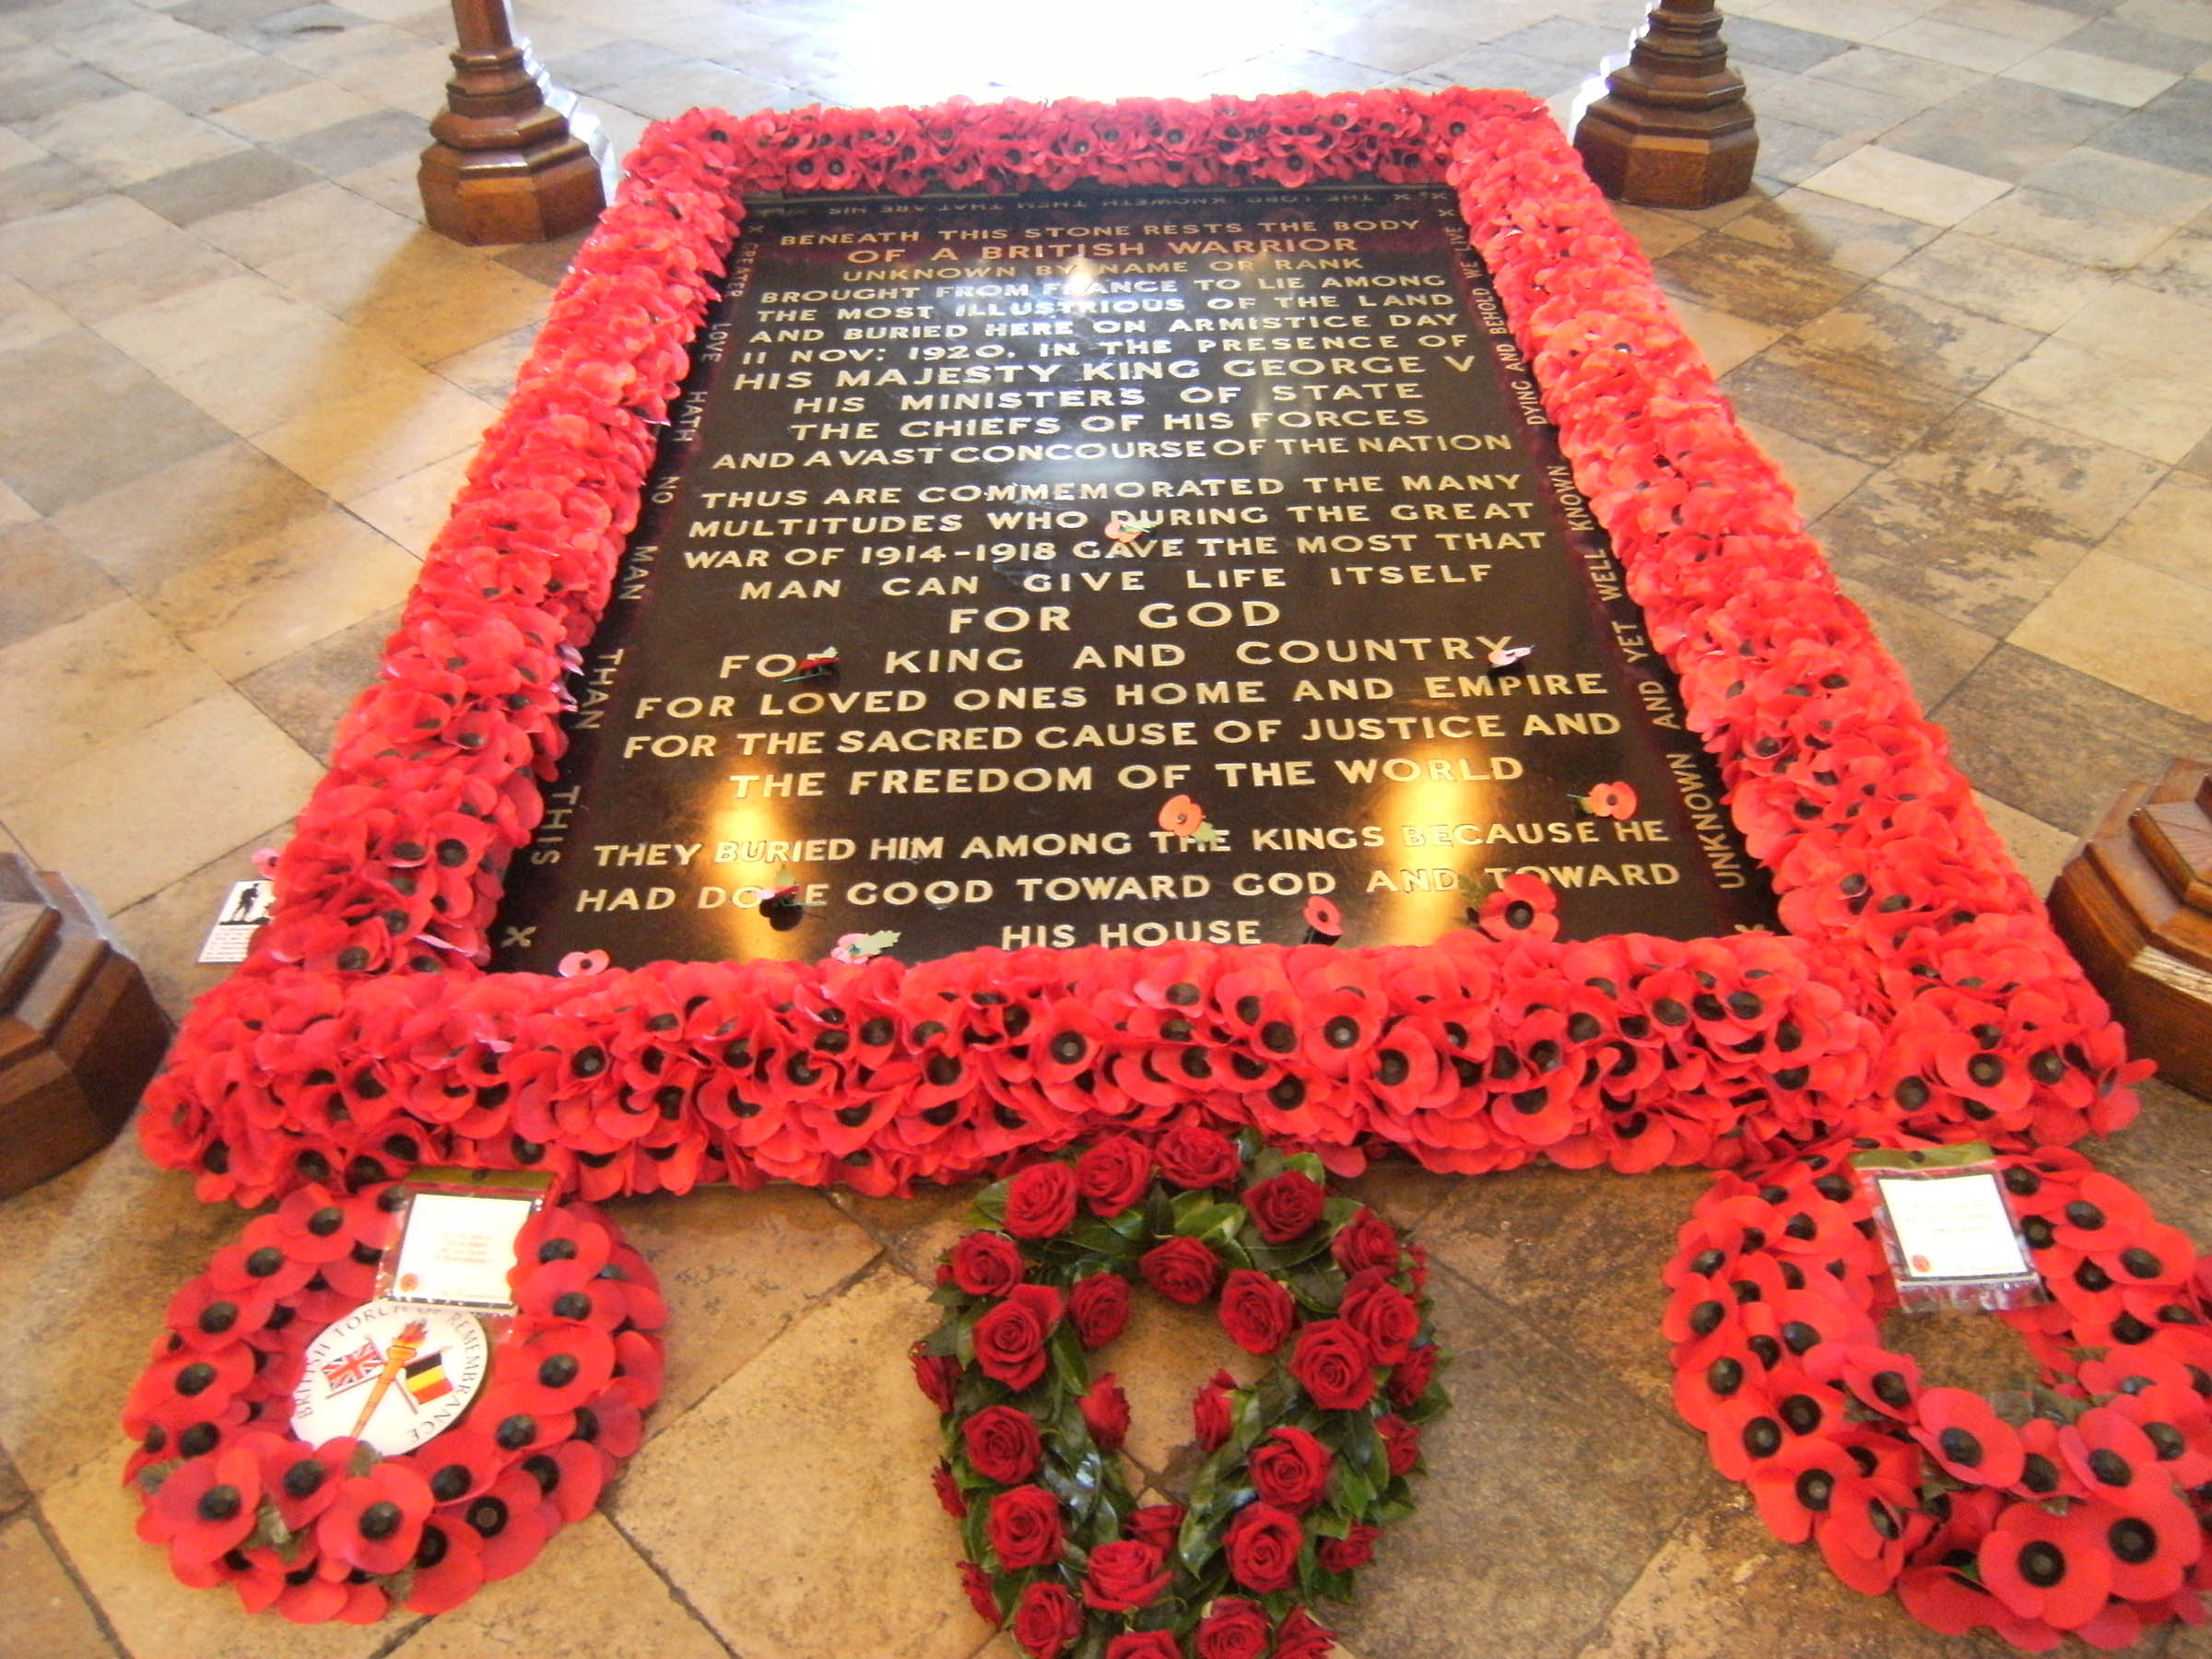 Az Ismeretlen Katona sírja a Westminster apátságban. Forrás: Wikimedia Commons